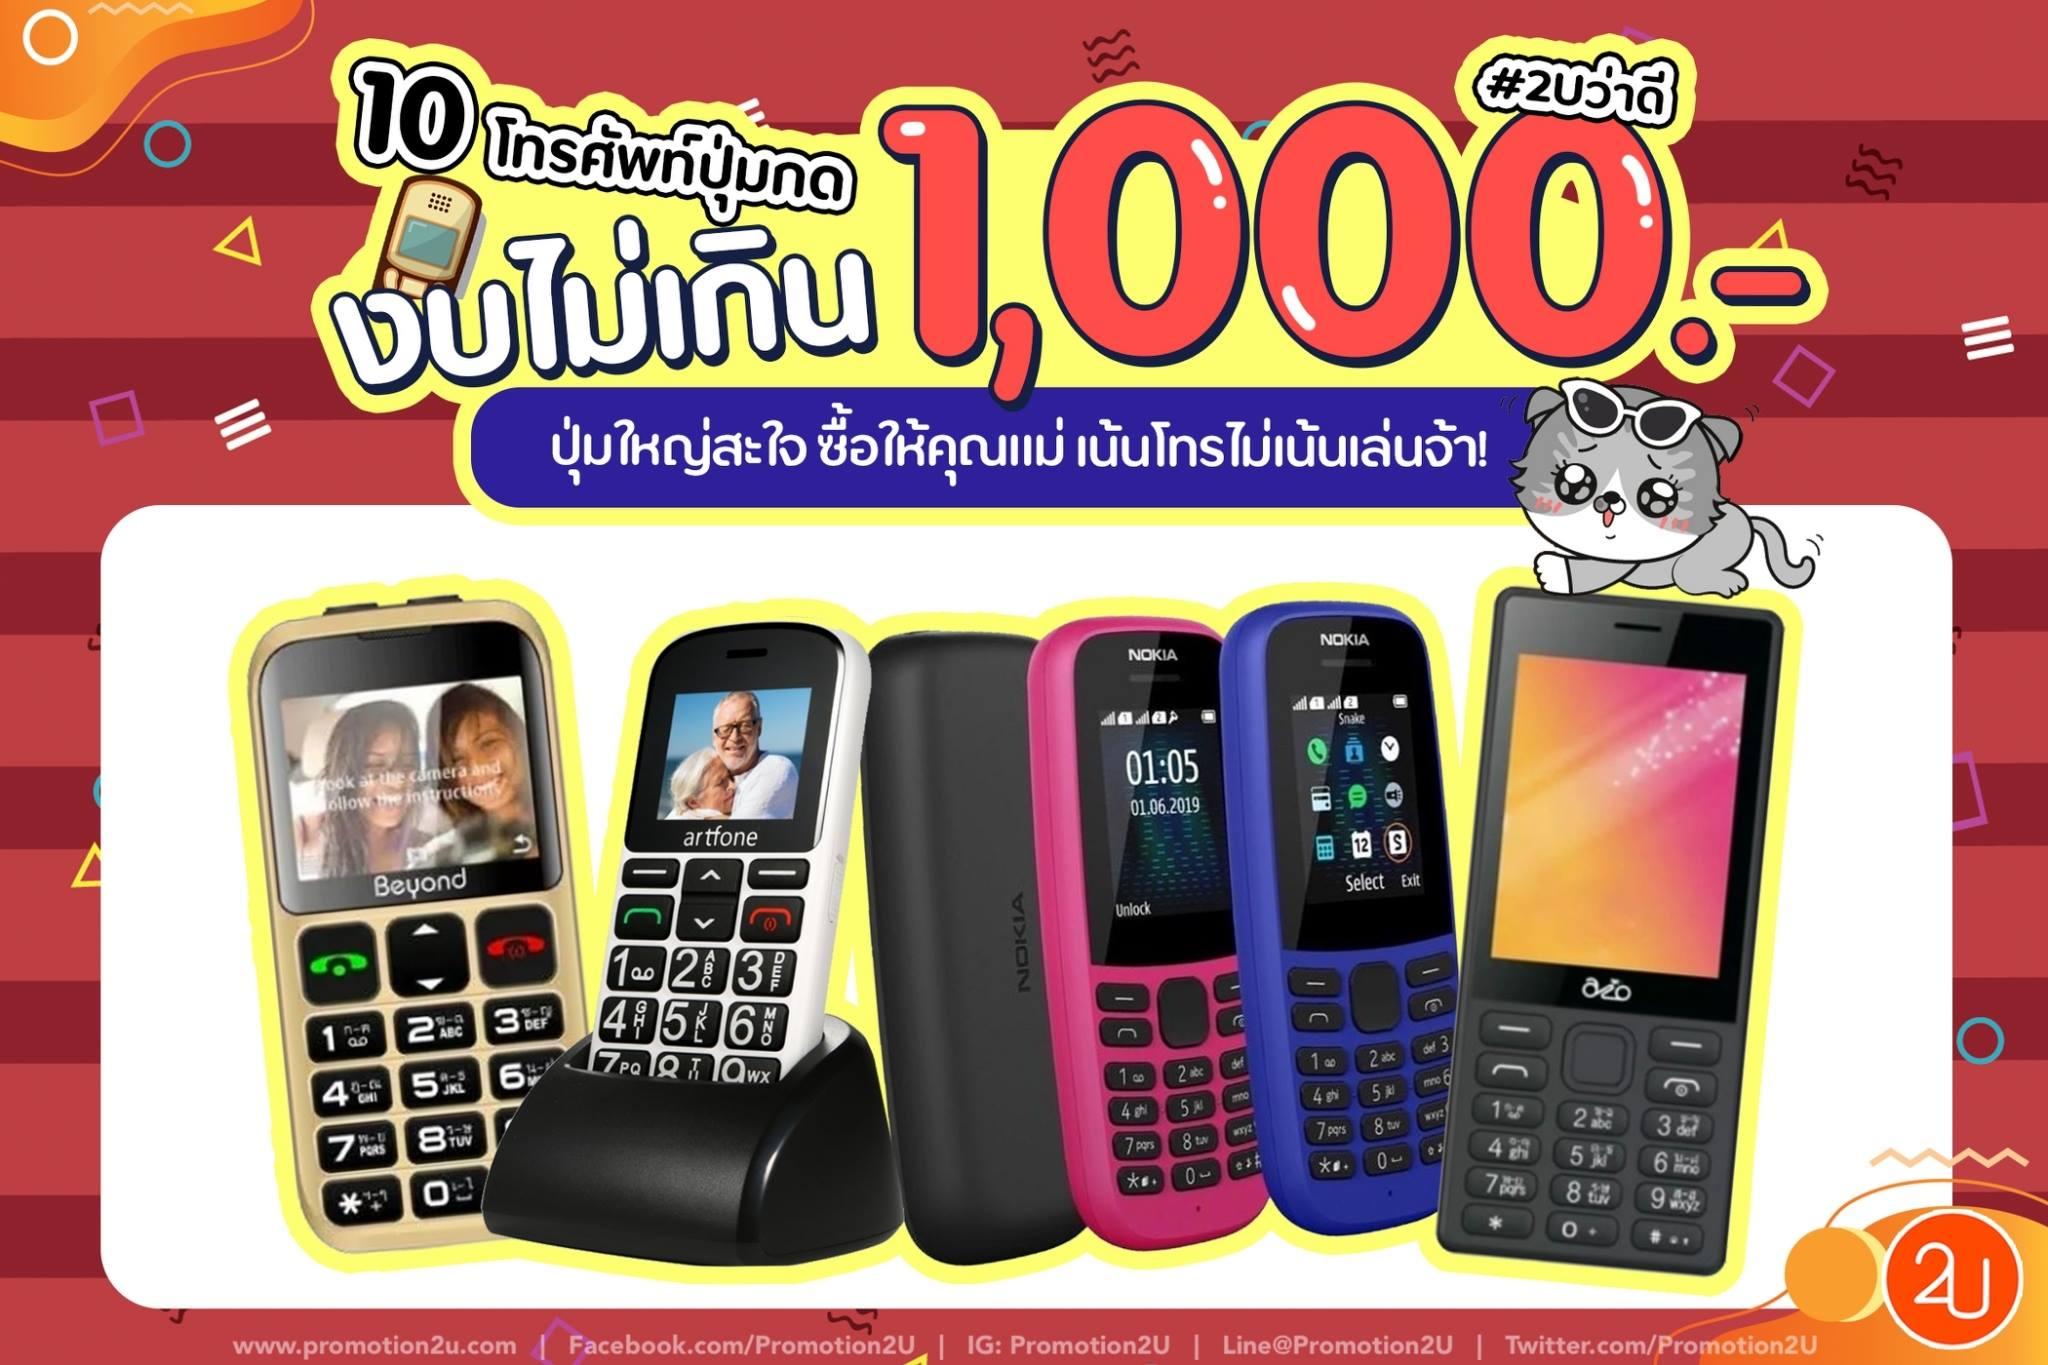 เอาใจ สว. 10 โทรศัพท์ปุ่มกด งบไม่เกิน 1,000.- ปุ่มใหญ่สะใจ!